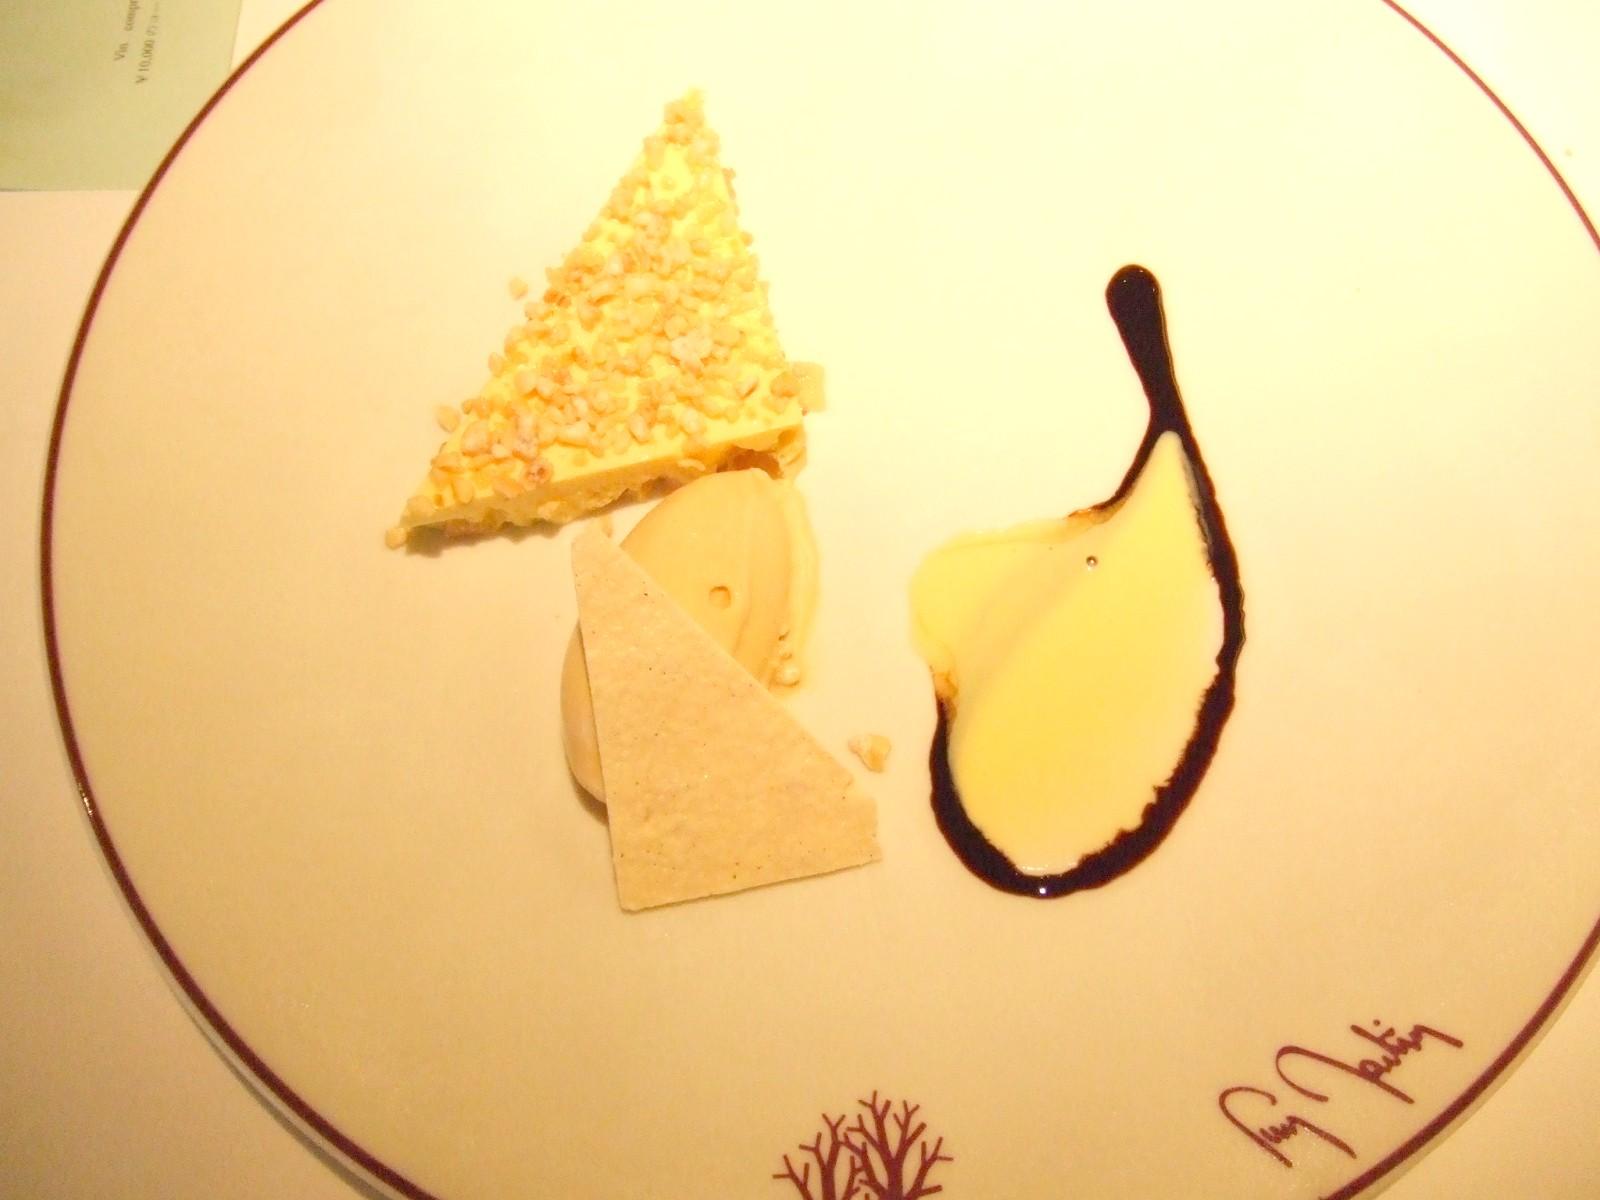 キャラメリーゼした林檎入りババロア トロワ・エピス風味